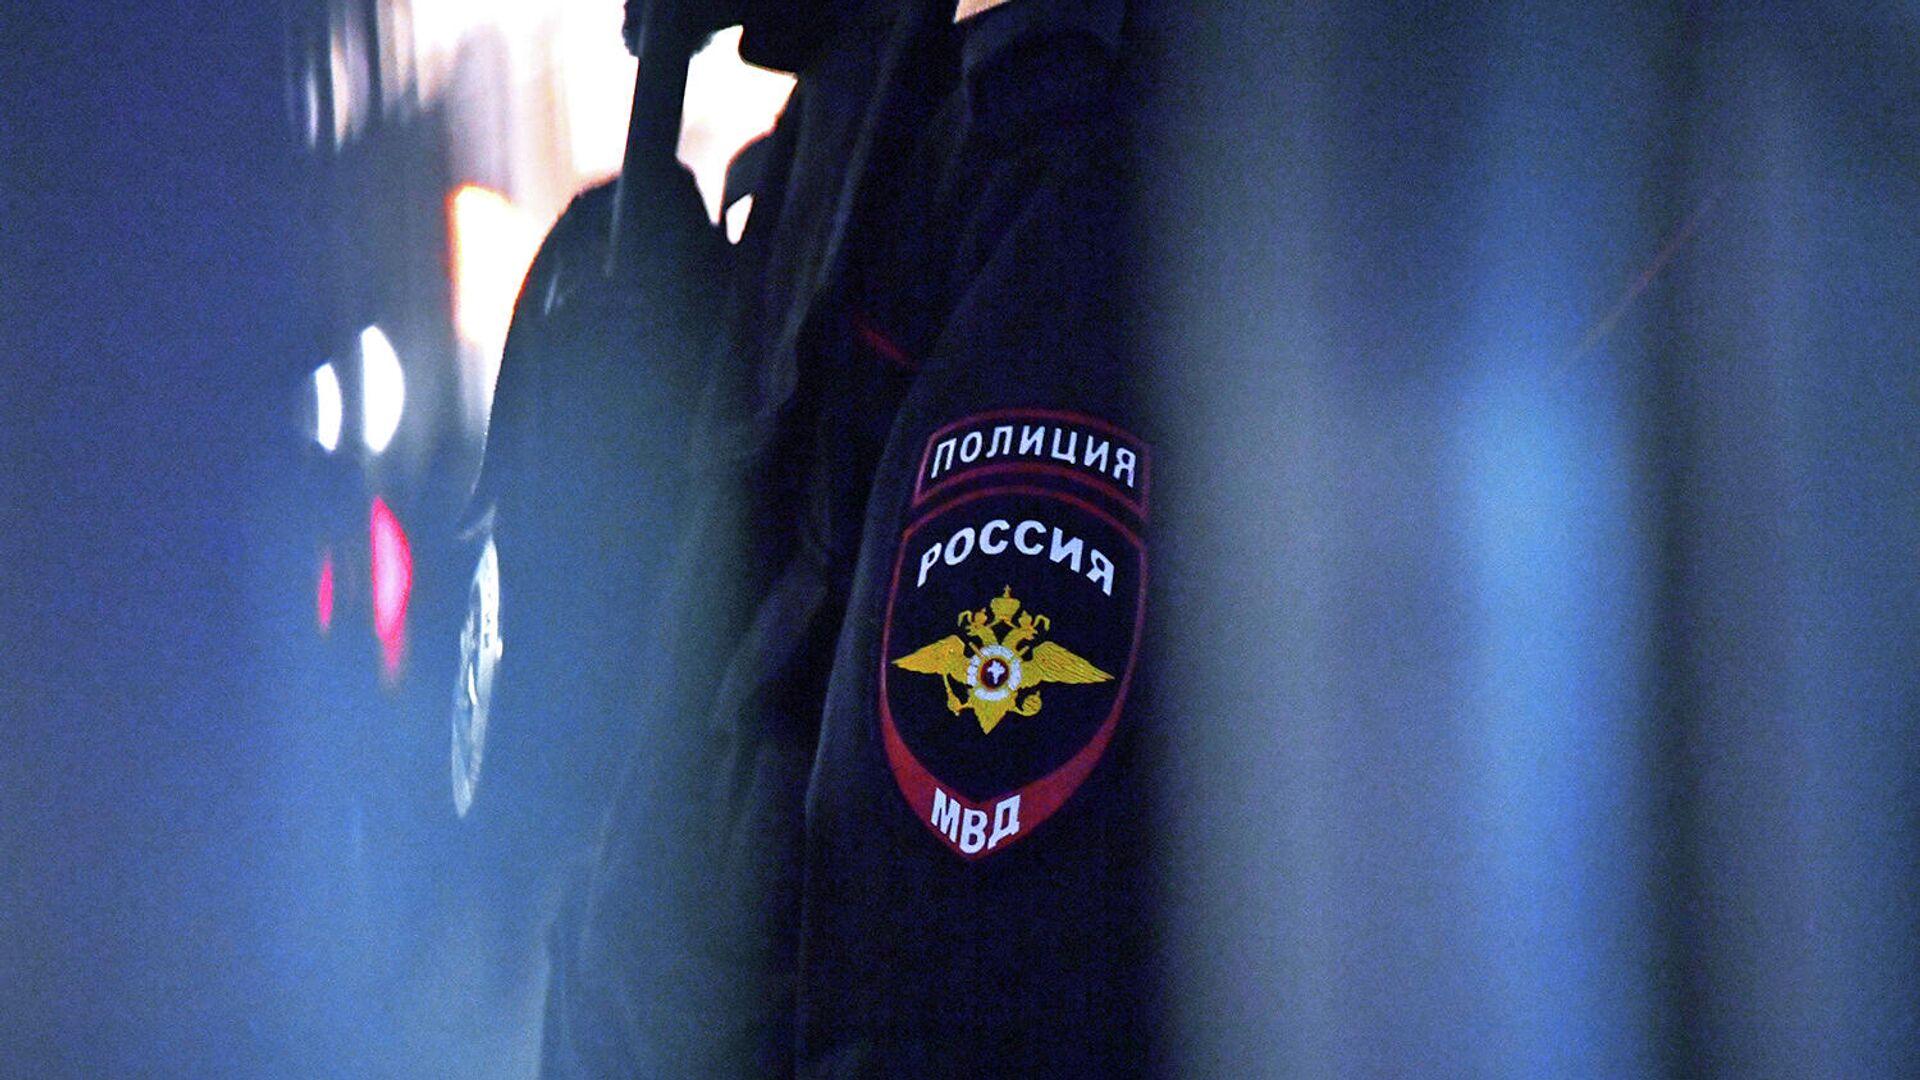 Эмблема на форме сотрудника полиции - РИА Новости, 1920, 02.10.2021